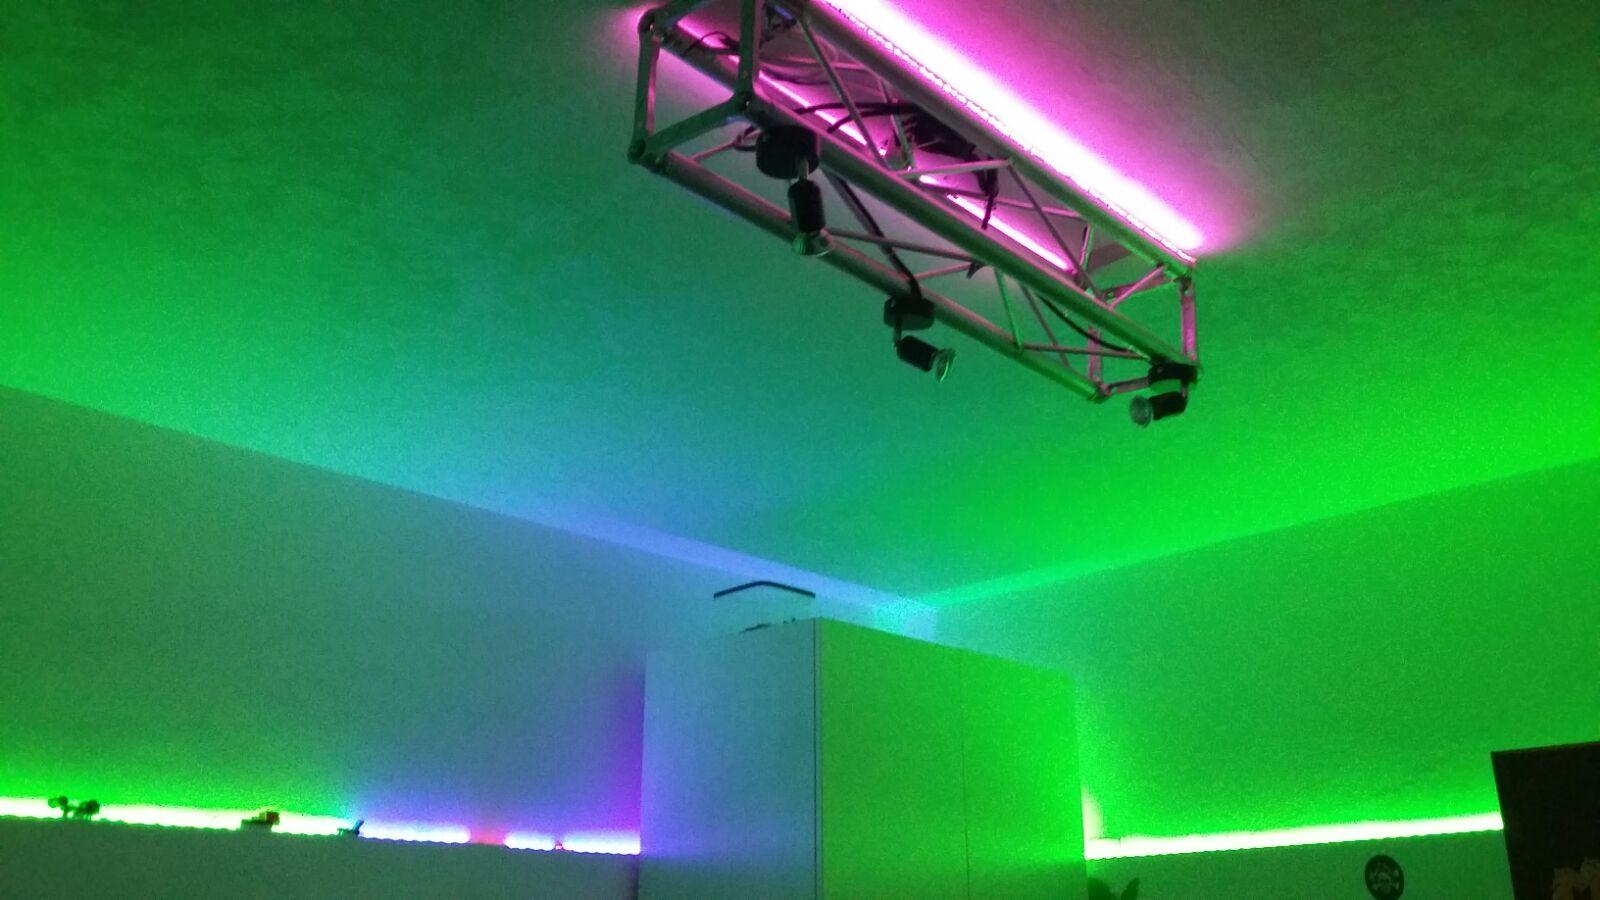 Installazione illuminazione LED